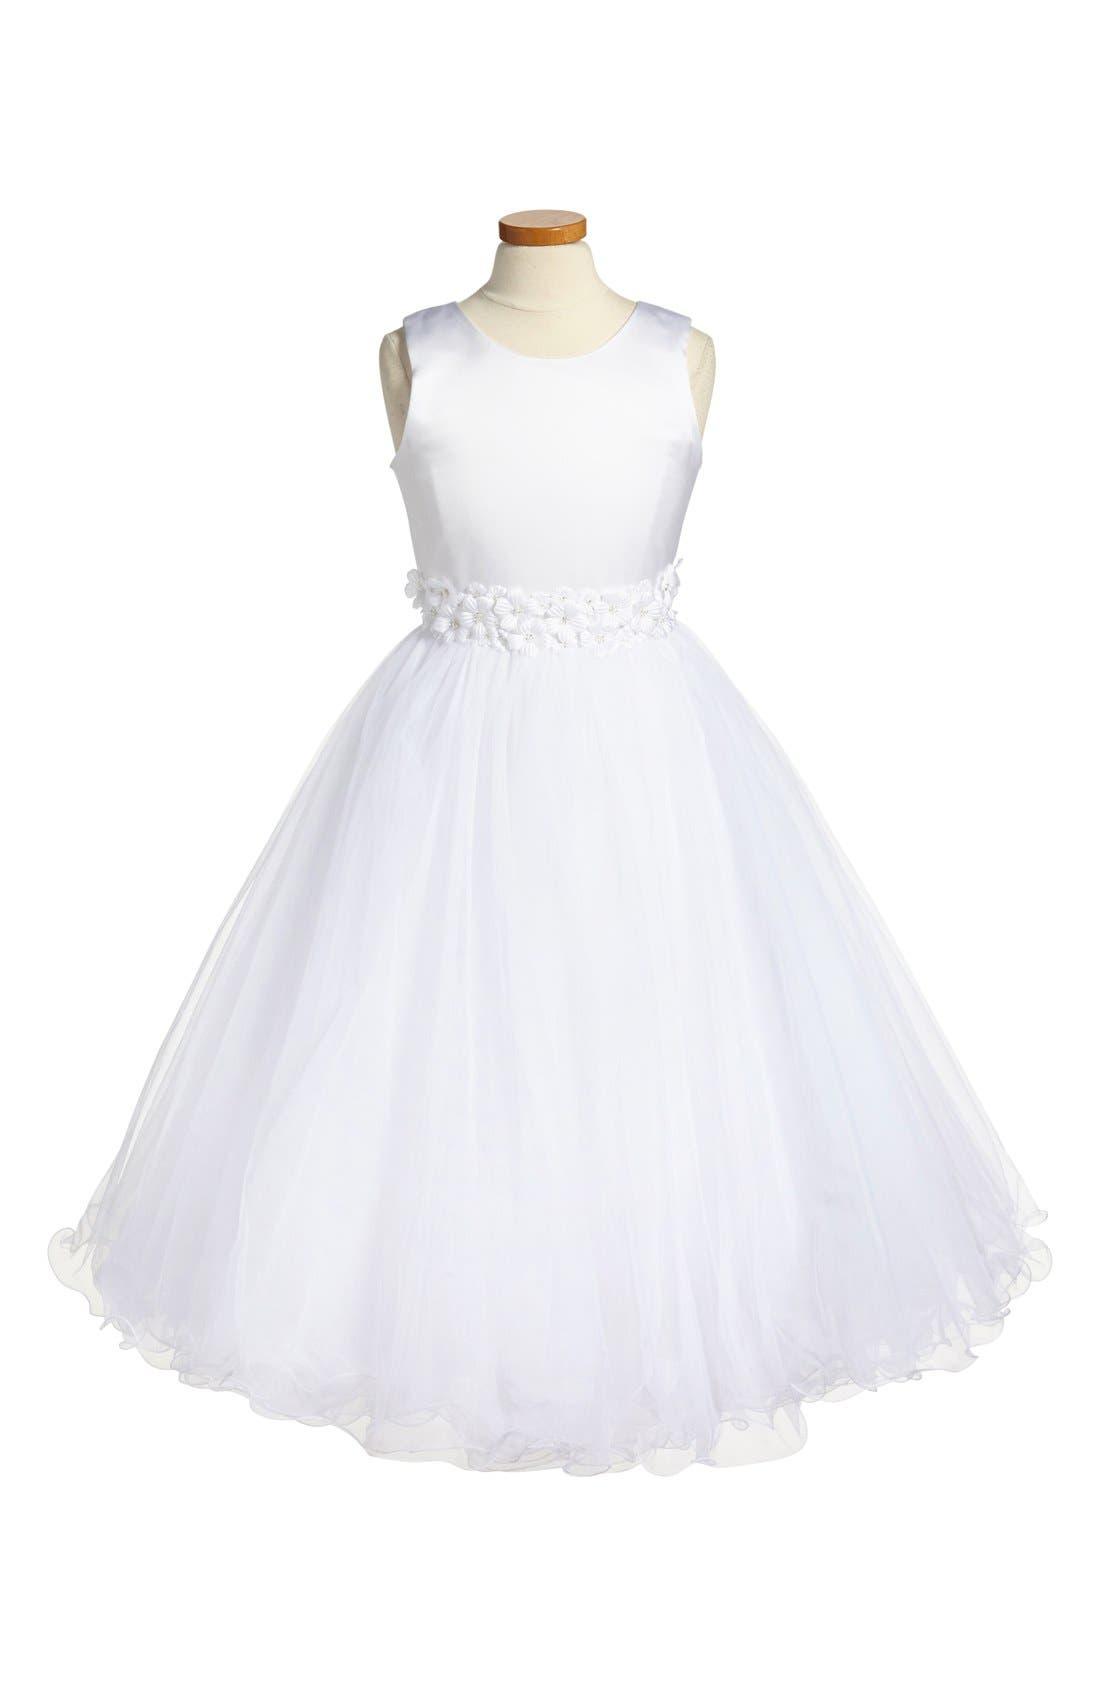 Alternate Image 1 Selected - Joan Calabrese for Mon Cheri Sleeveless First Communion Dress (Little Girls & Big Girls)